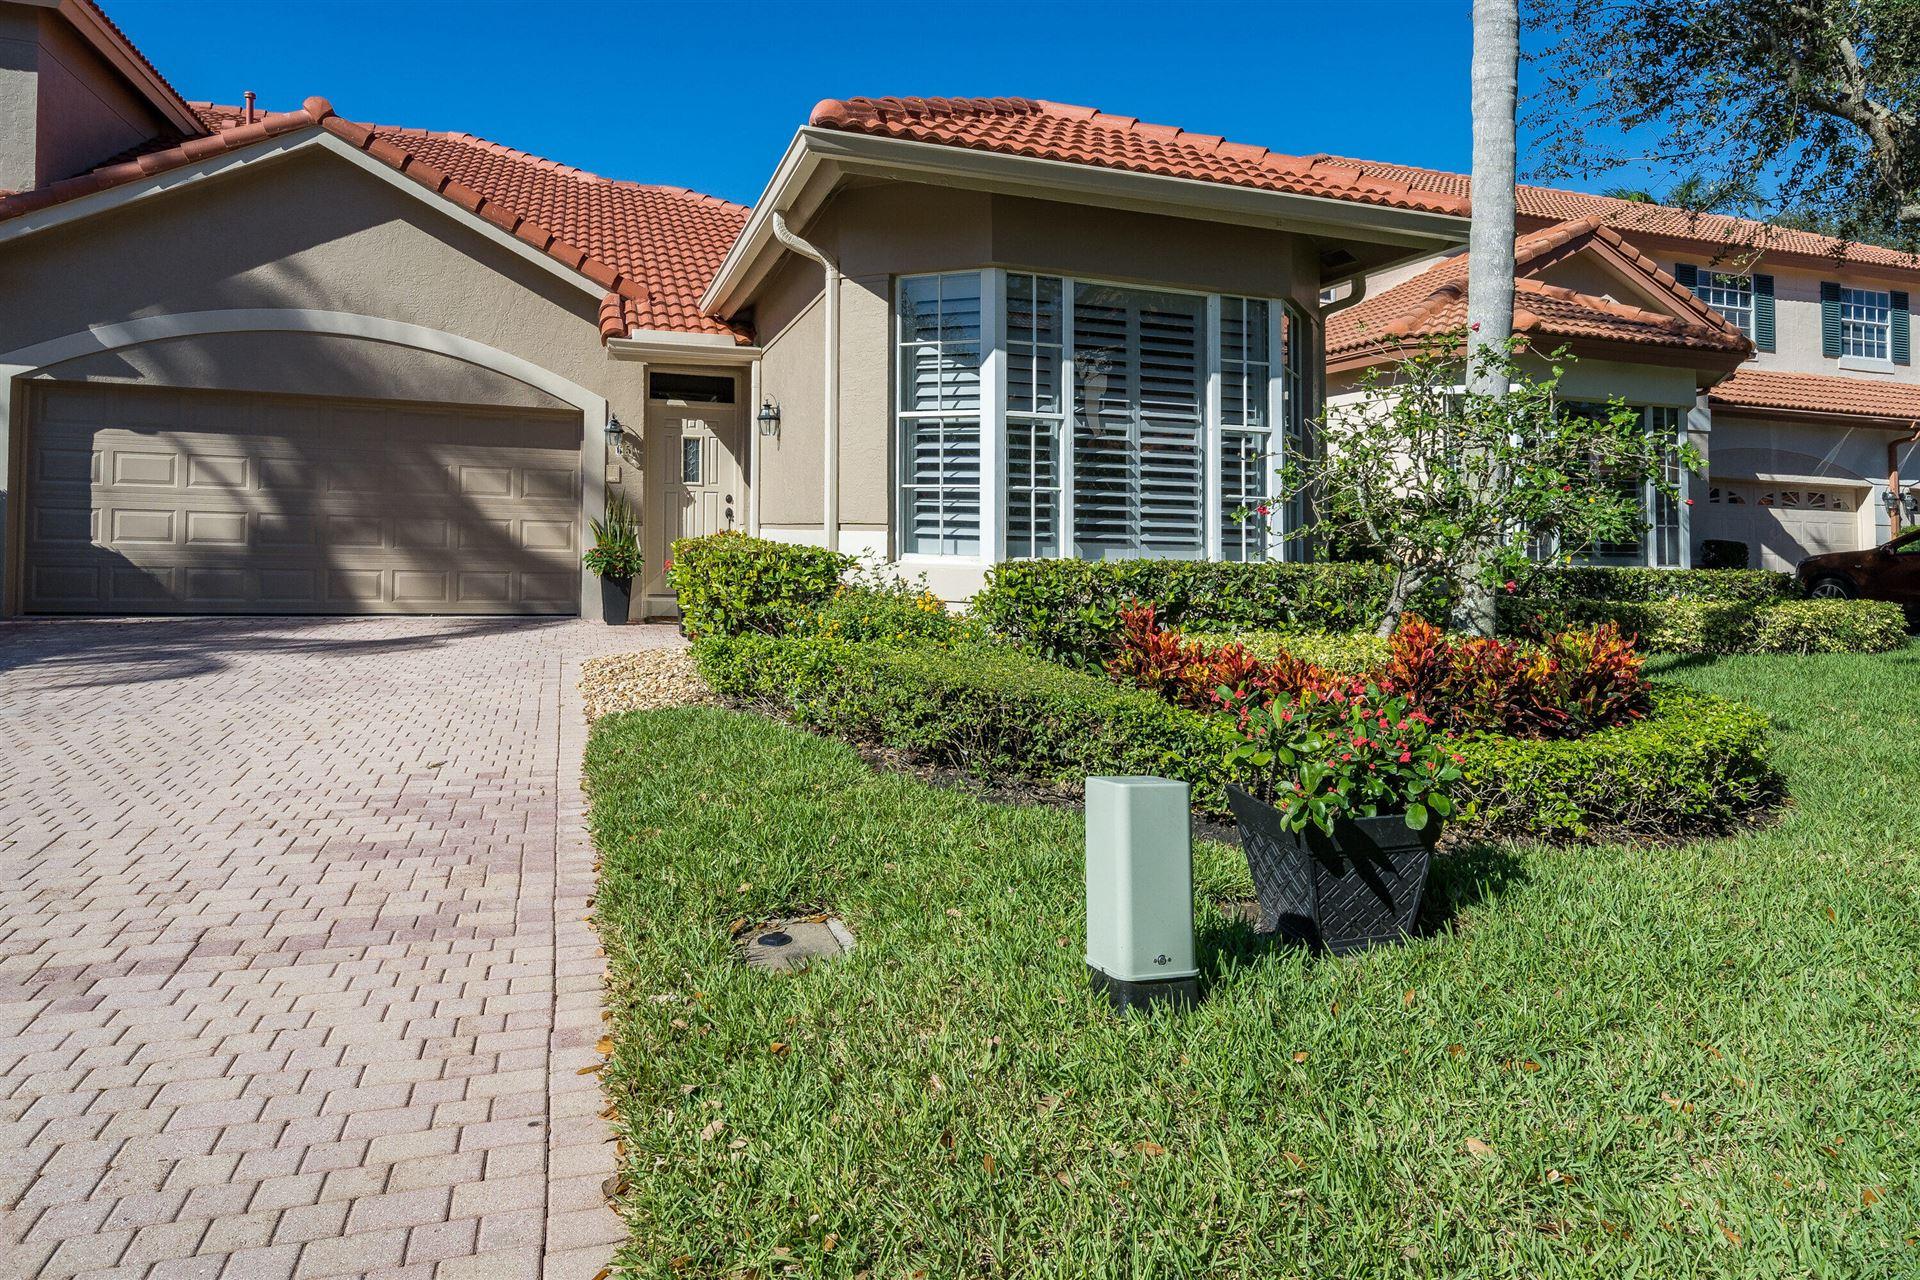 Photo of 65 Monterey Pointe Drive, Palm Beach Gardens, FL 33418 (MLS # RX-10675492)